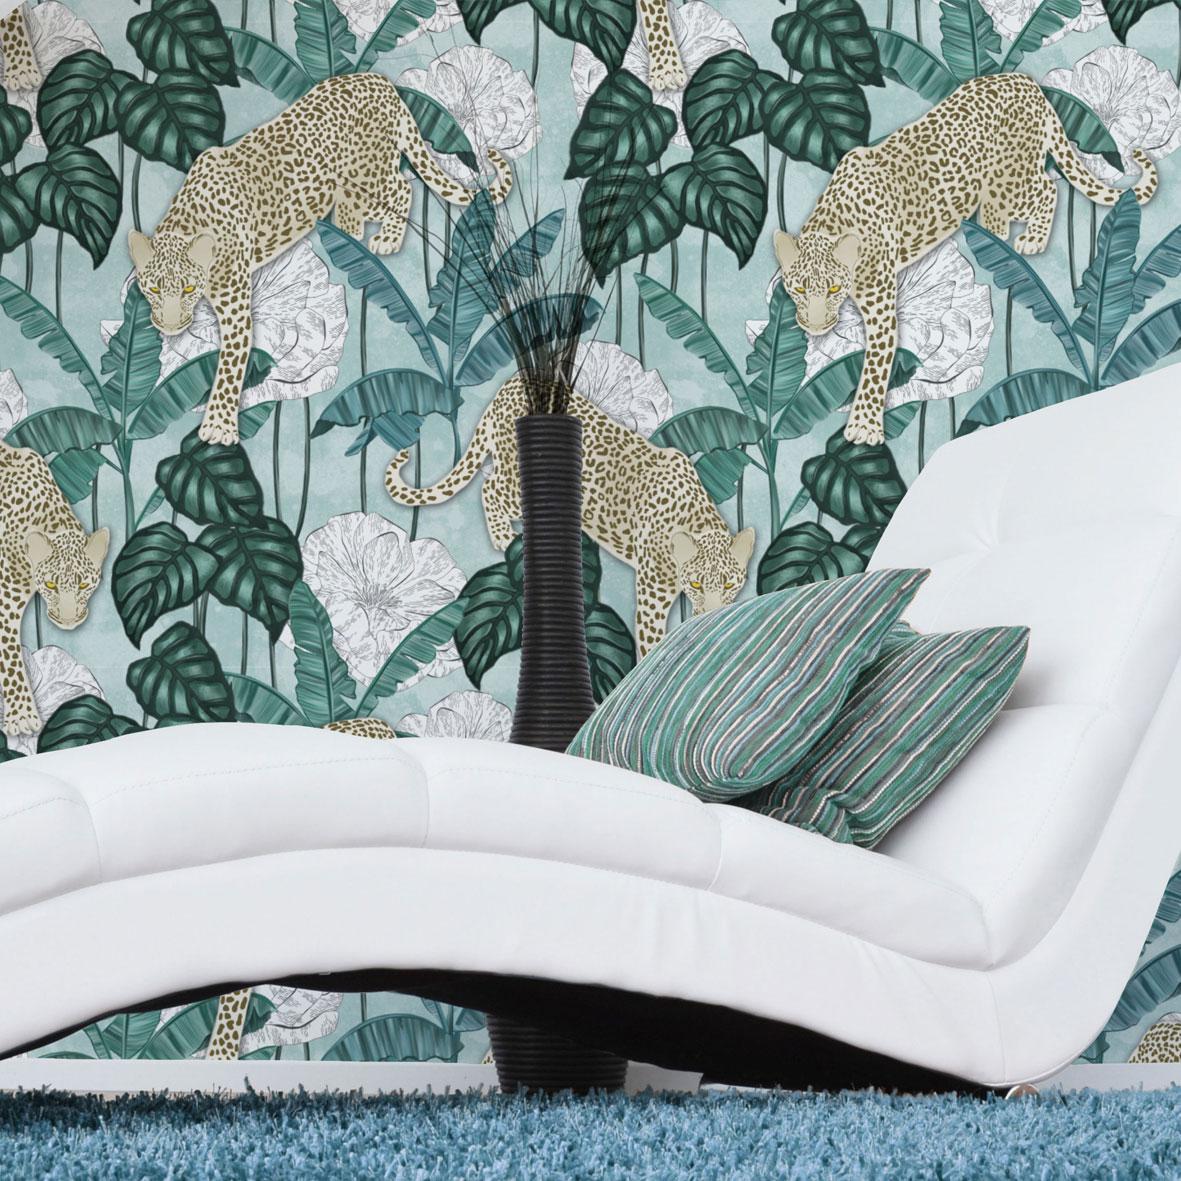 pokój w stylu tropikalnym,tapety tropikalne,tapeta tropikalna,tapeta w liście bananowca,wzór leopard